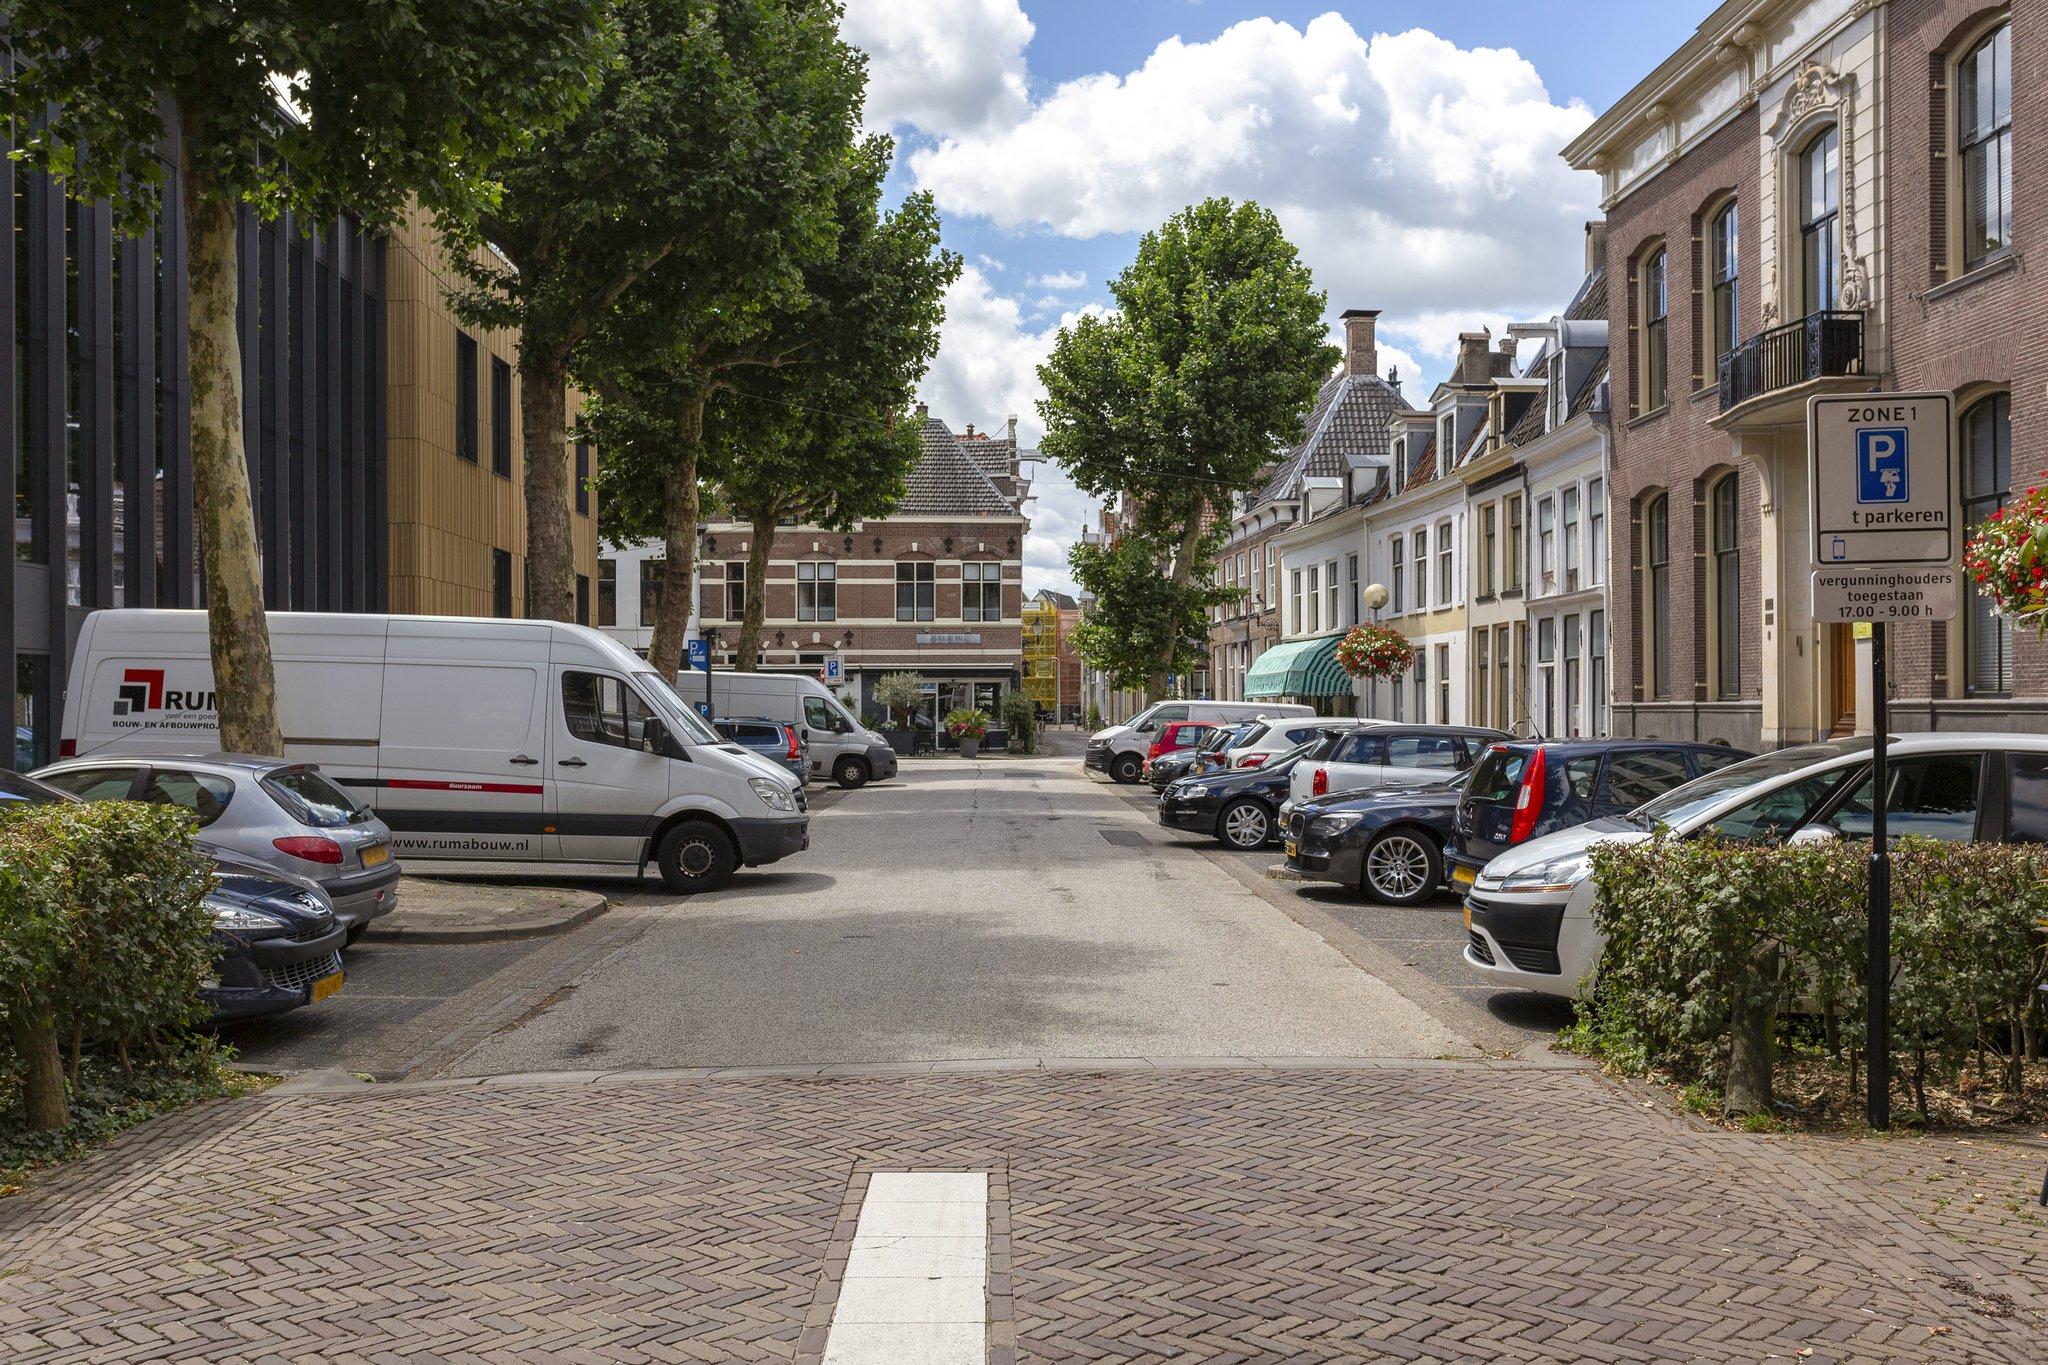 deventer-stromarkt-4647172-foto-31.jpg